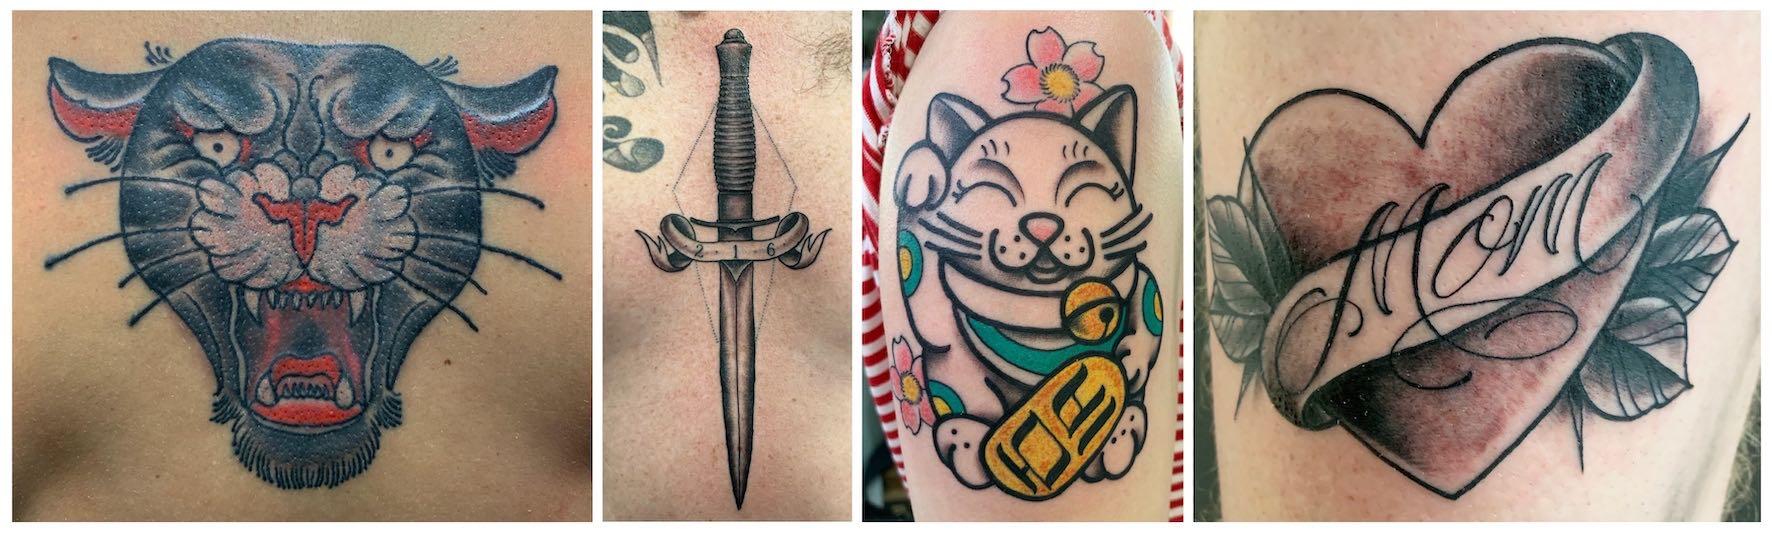 Tattoos done by Mason Murdey